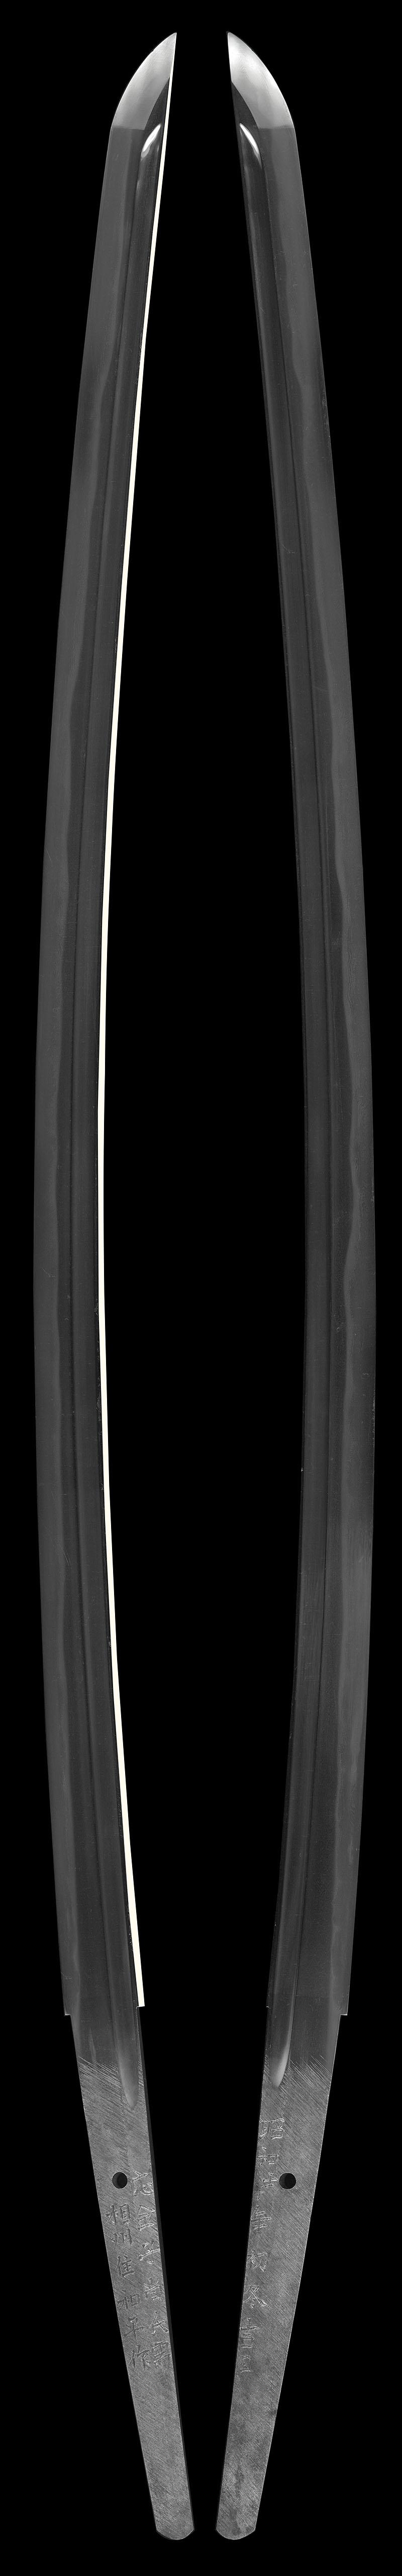 刀  相州住和平作 応金子尚氏需 (大久保和平) (無鑑査刀匠) (人間国宝 宮入昭平 門人)  昭和壬子年初冬吉日Picture of whole